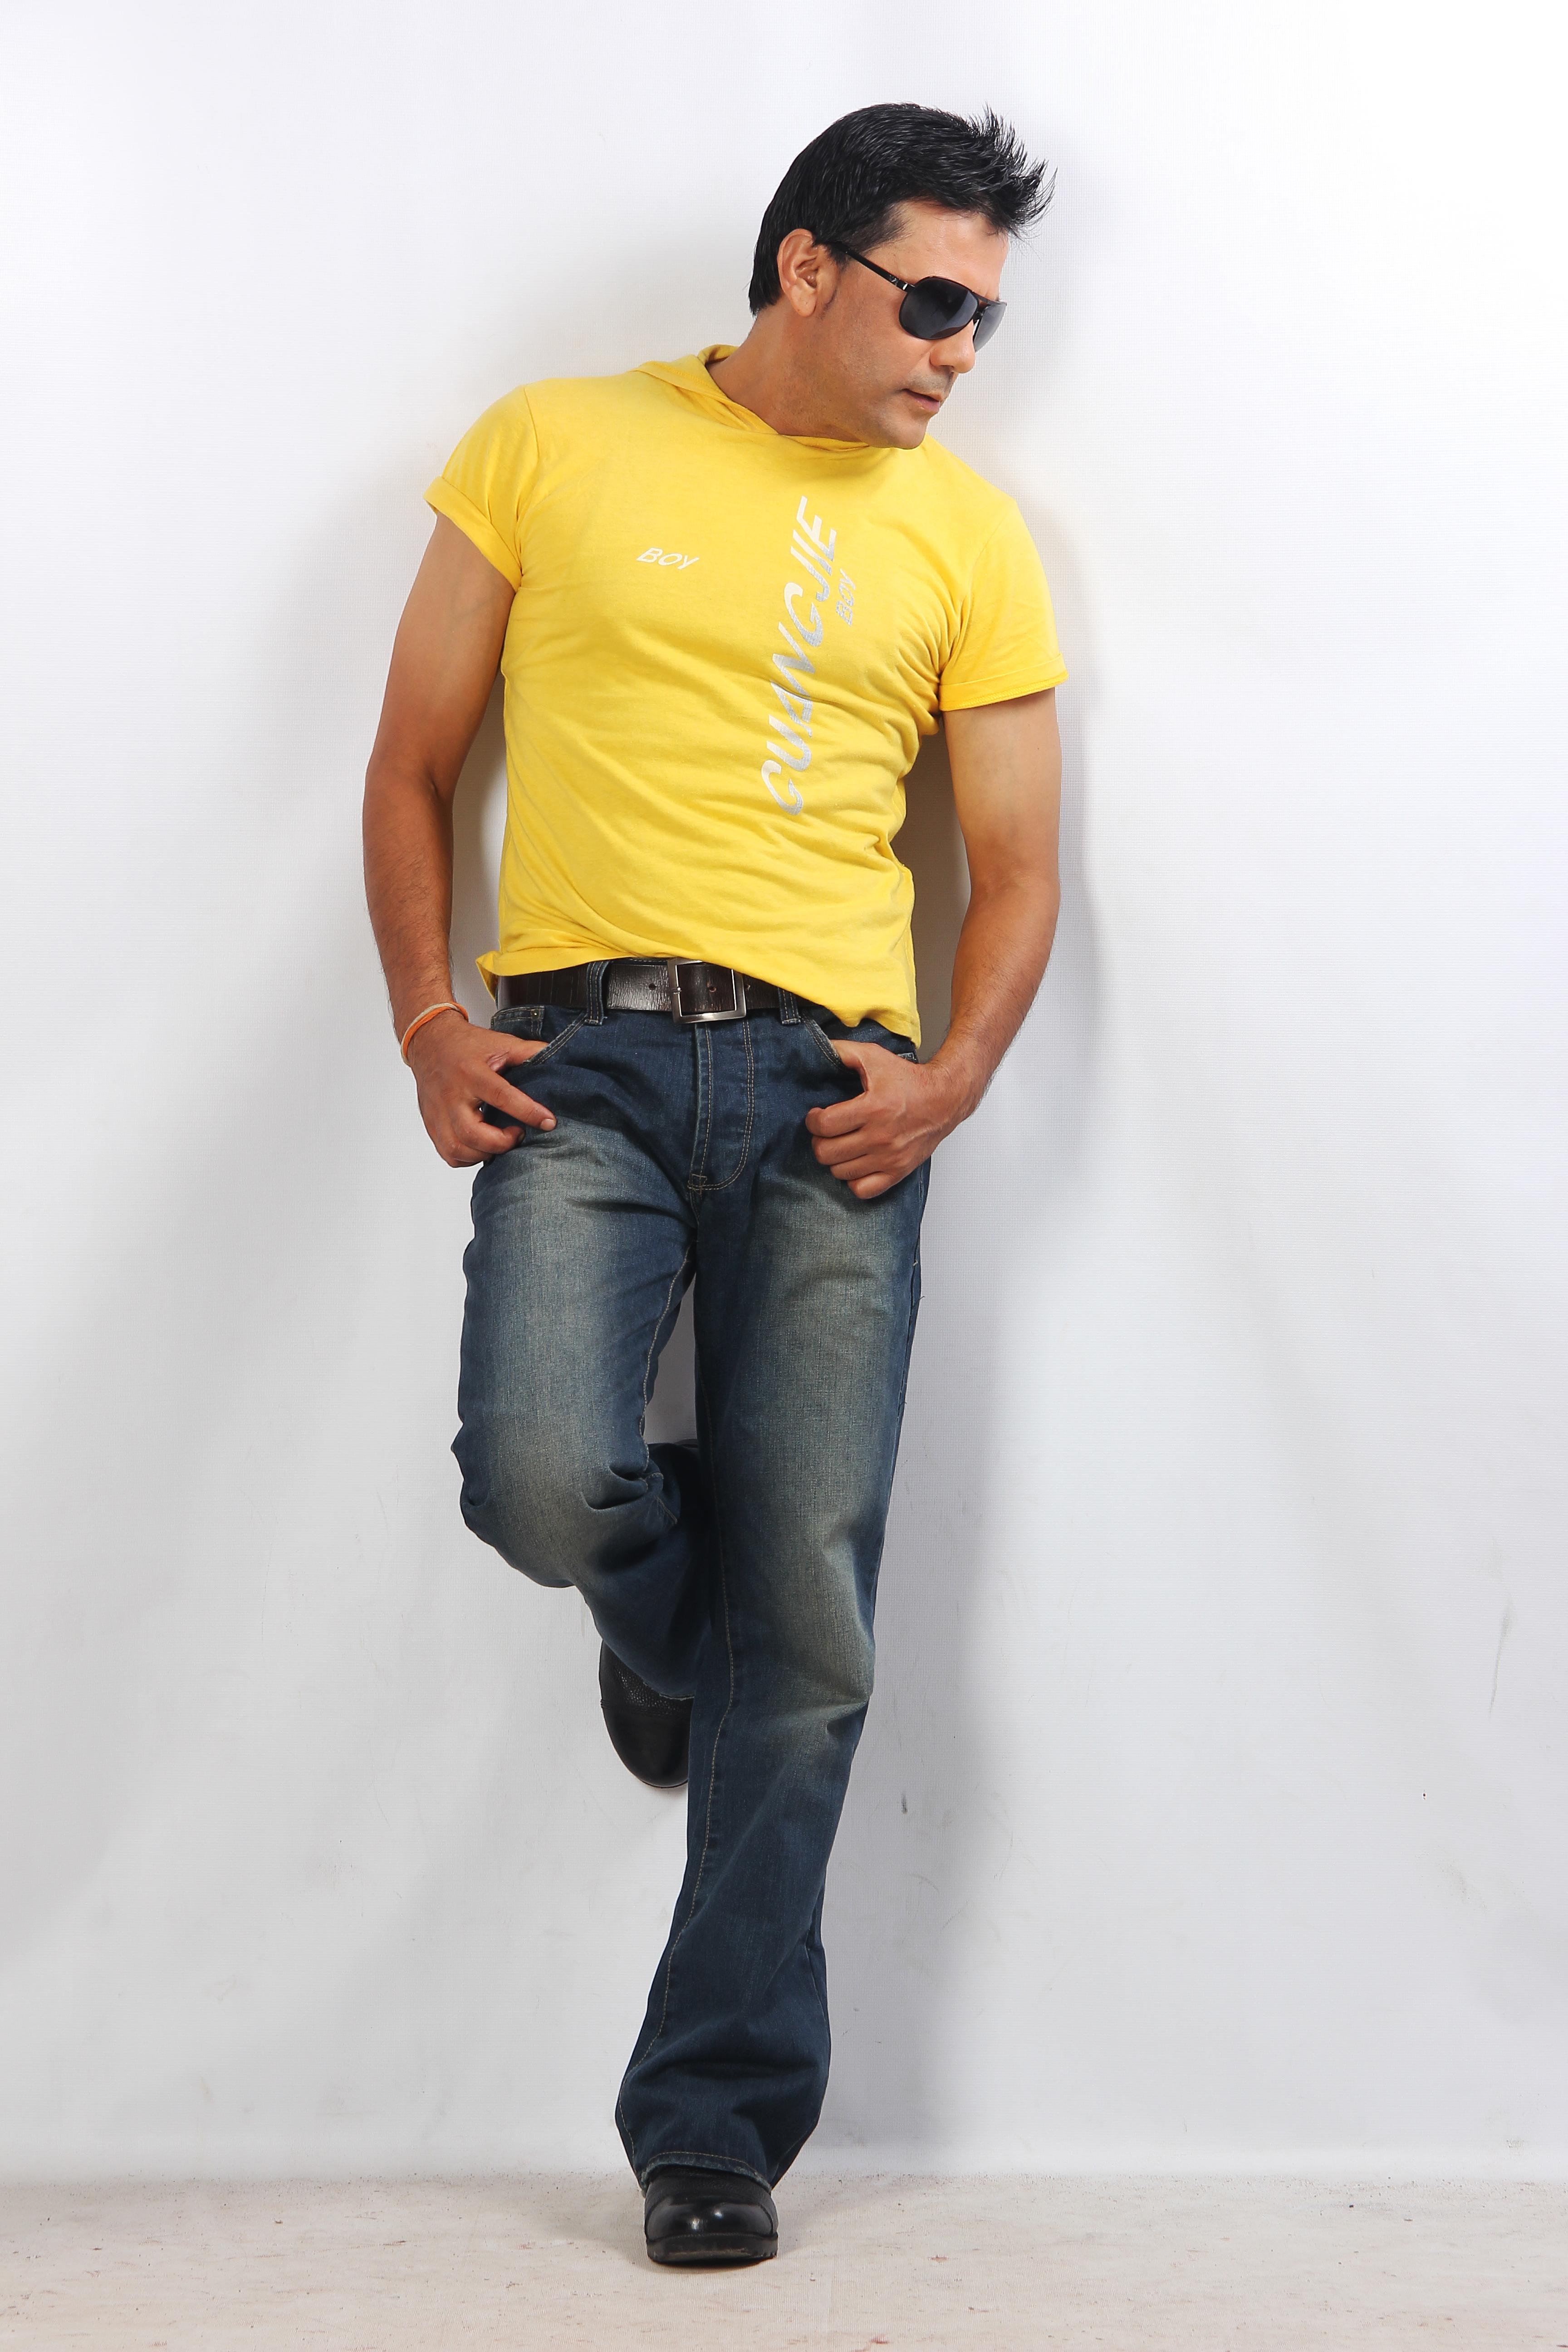 Sushil Chhetri Sushil Chhetri new picture